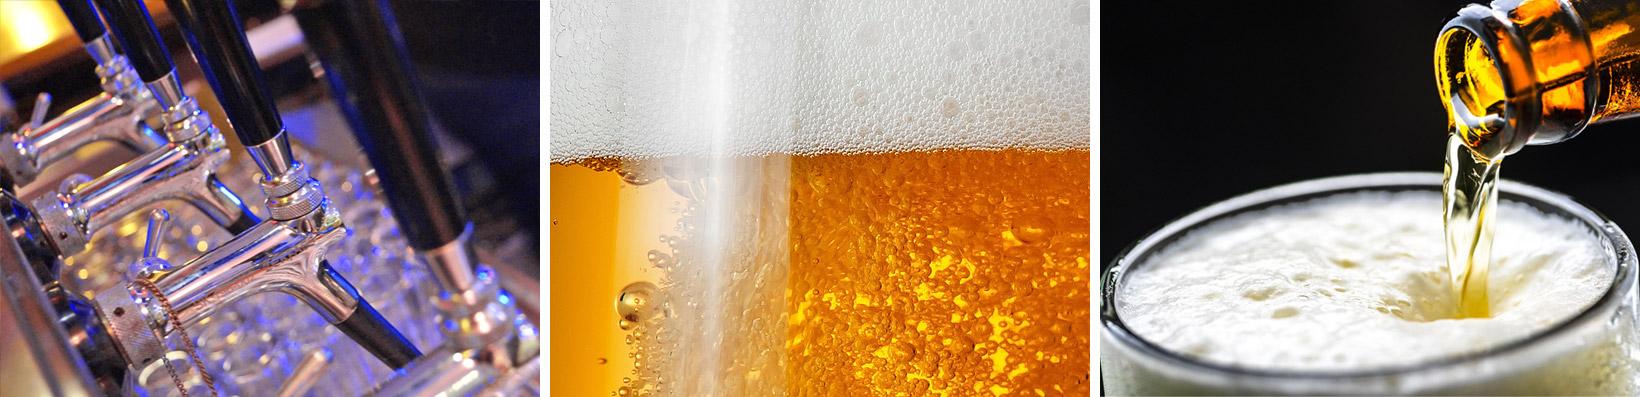 Eder Keller Bierkarte